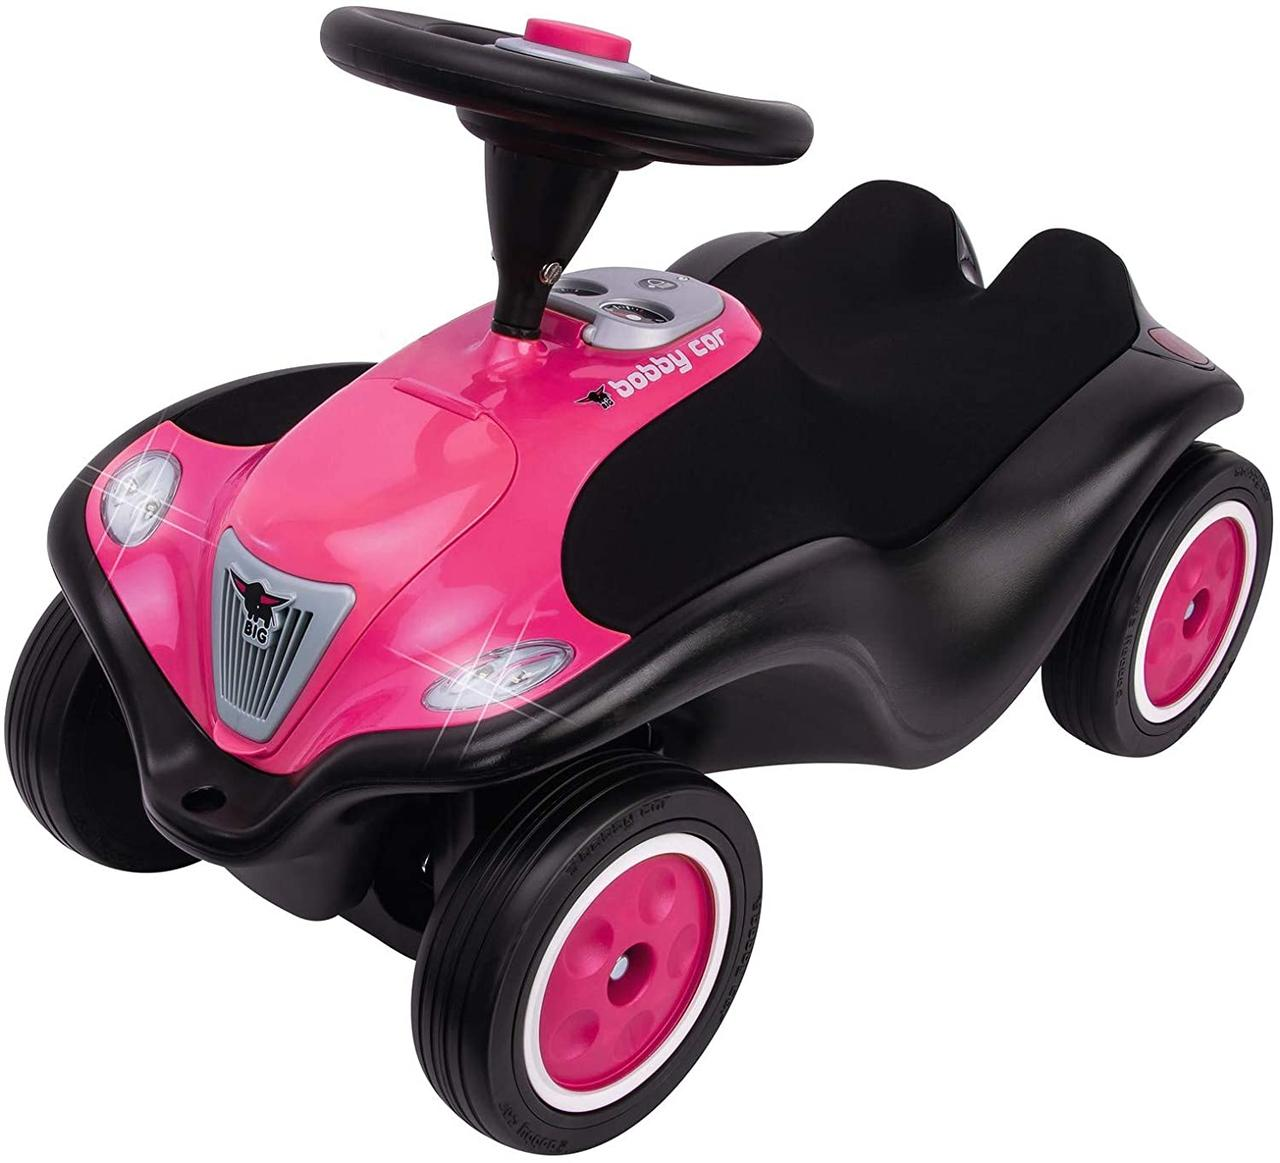 Машинка каталка Big Некст 56233 Германия, розовая. Бесплатная доставка